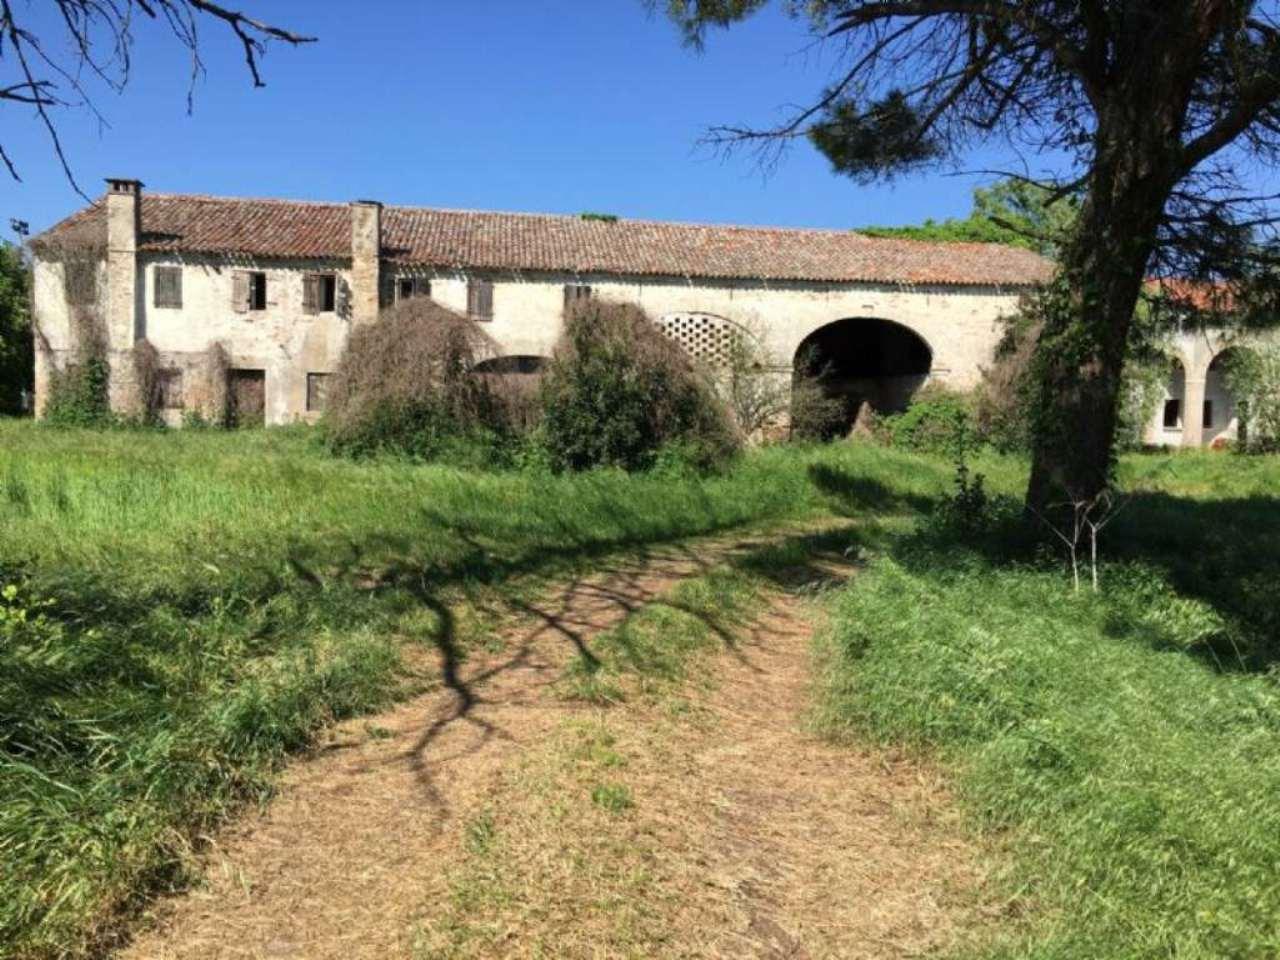 Rustico / Casale in vendita a Arzergrande, 5 locali, Trattative riservate | Cambio Casa.it